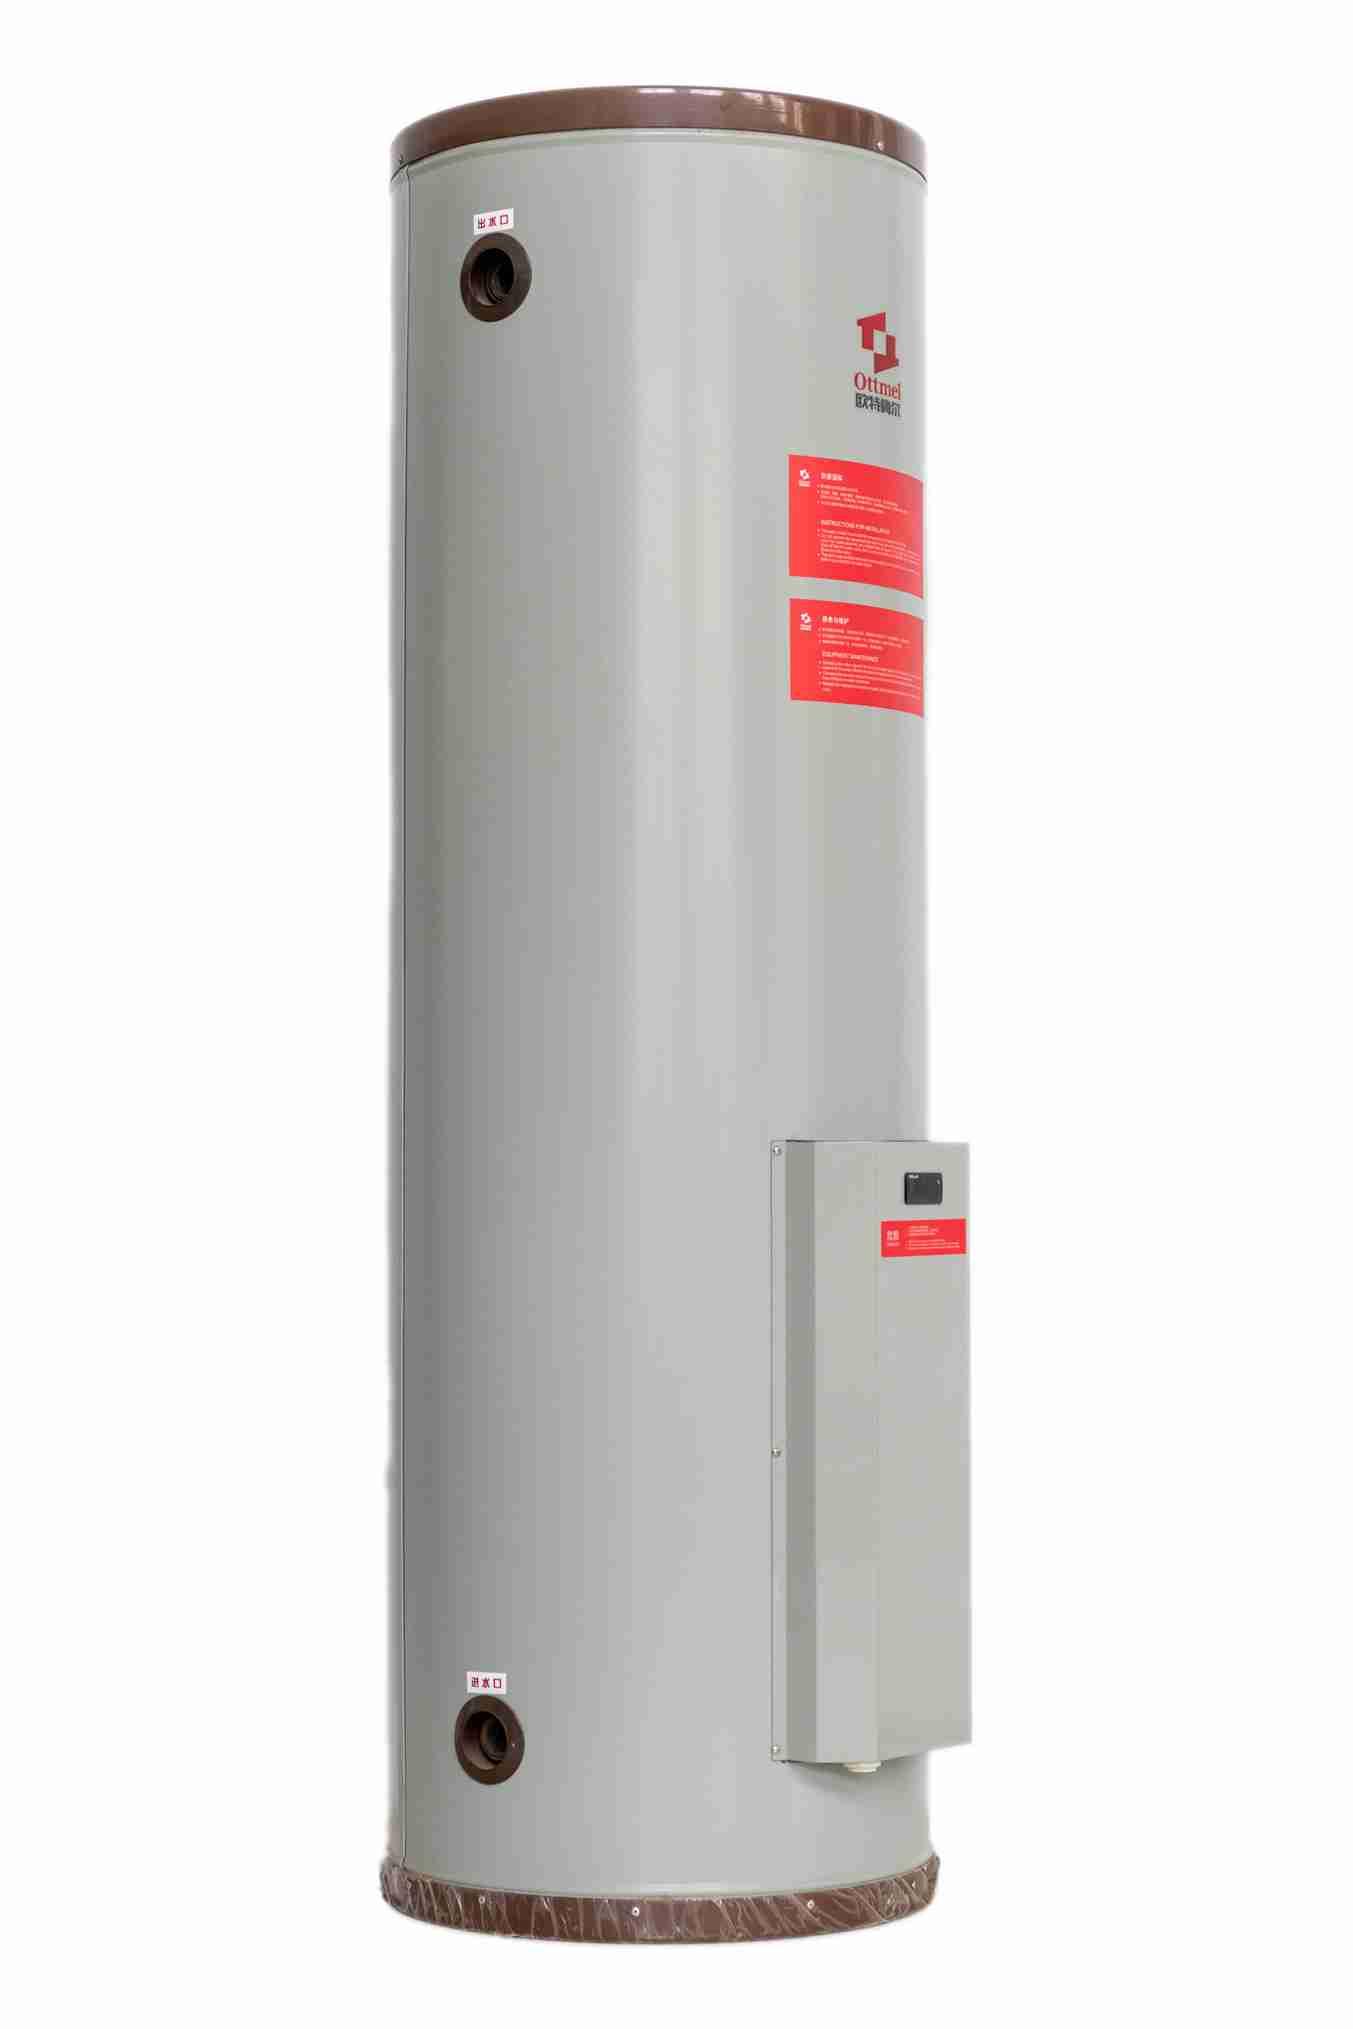 欧特容积式电热水器说明书 欧特梅尔新能源供应